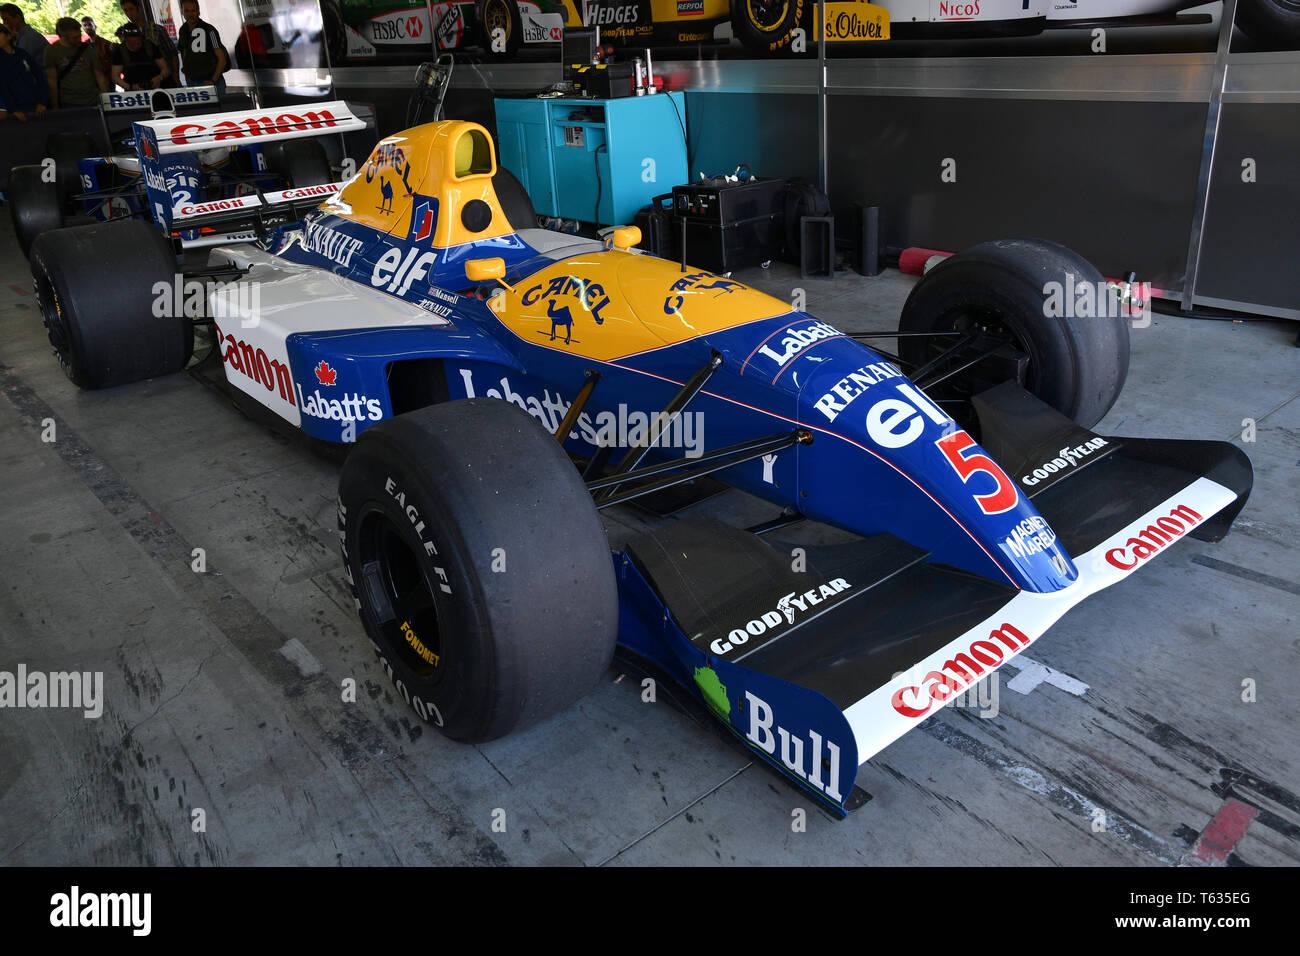 Imola, 27 avril 2019 Historique 1992: F1 Williams FW14B ex Riccardo Patrese - Nigel Mansell au cours de Minardi jour Historique 2019 au circuit d'Imola Banque D'Images